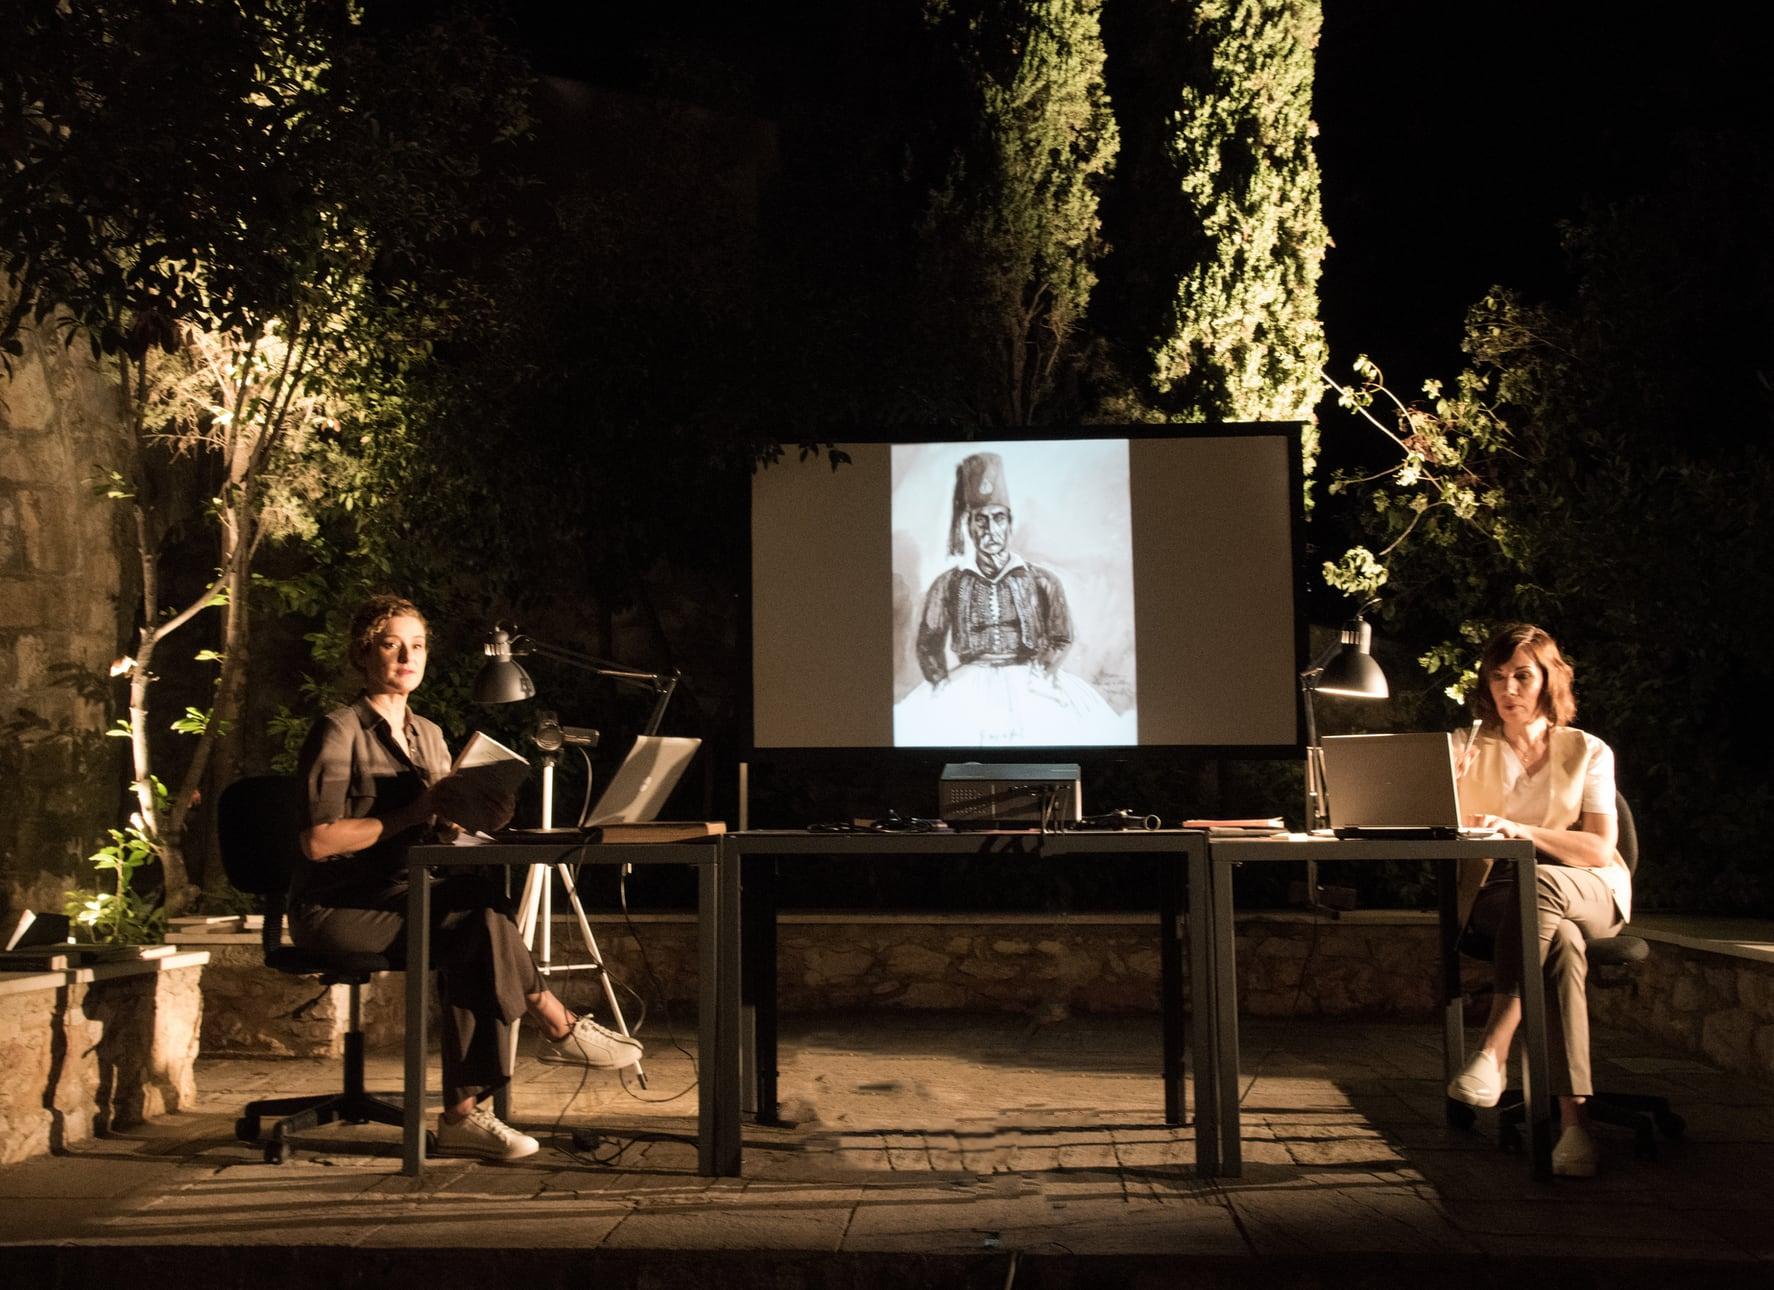 Απομνημονεύματα Κολοκοτρώνη με τον Μάνο Βακούση στο Μουσείο Ιστορίας του Πανεπιστημίου Αθηνών